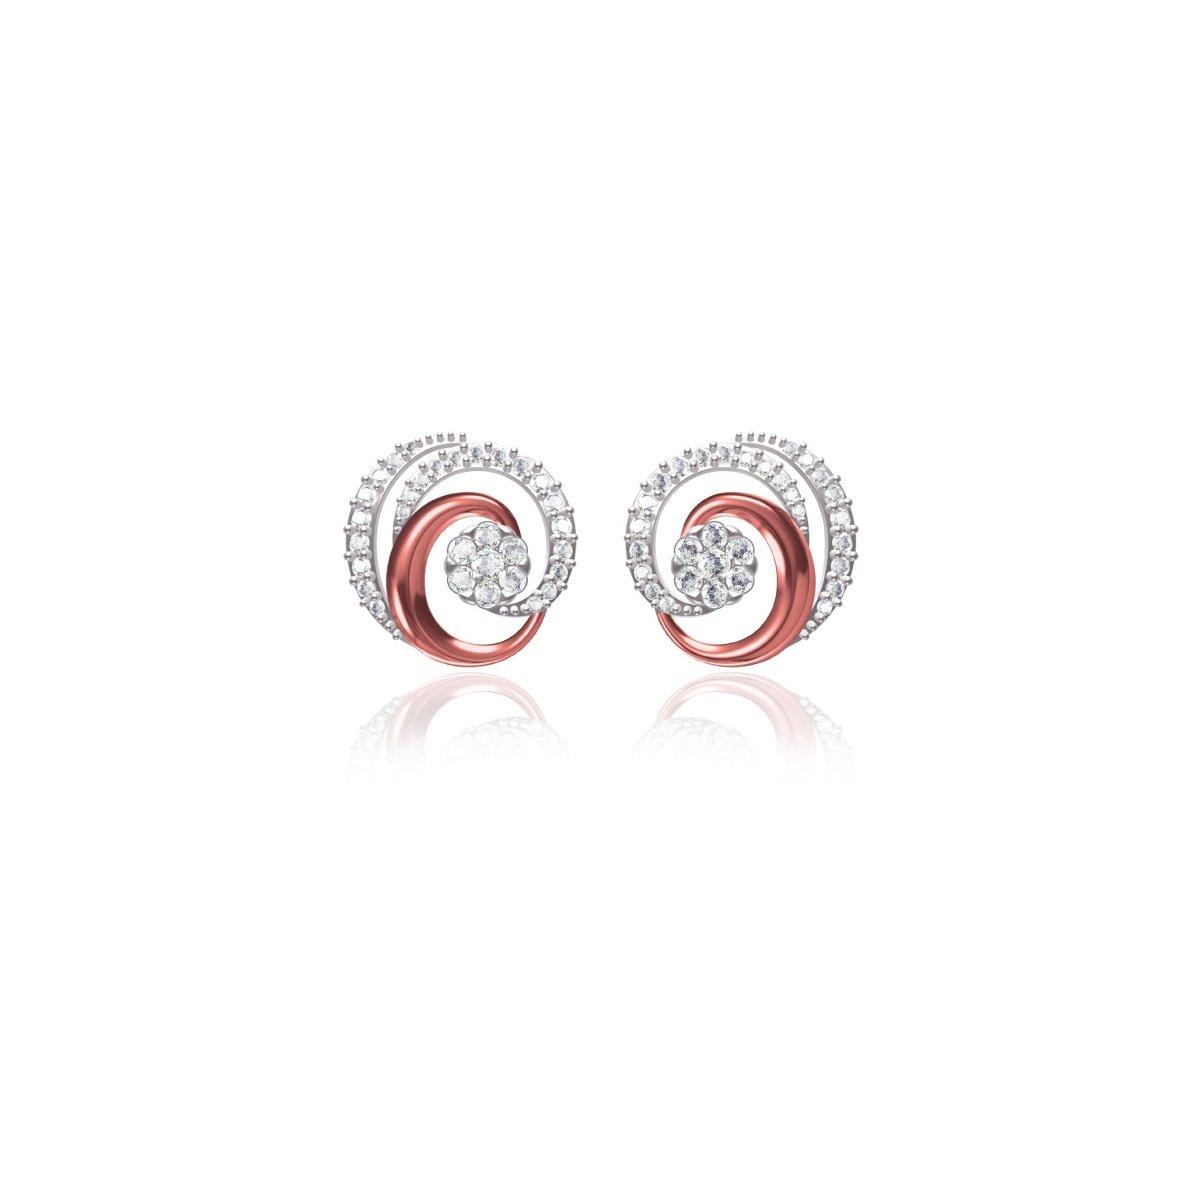 Twisty Rose Gold Earrings